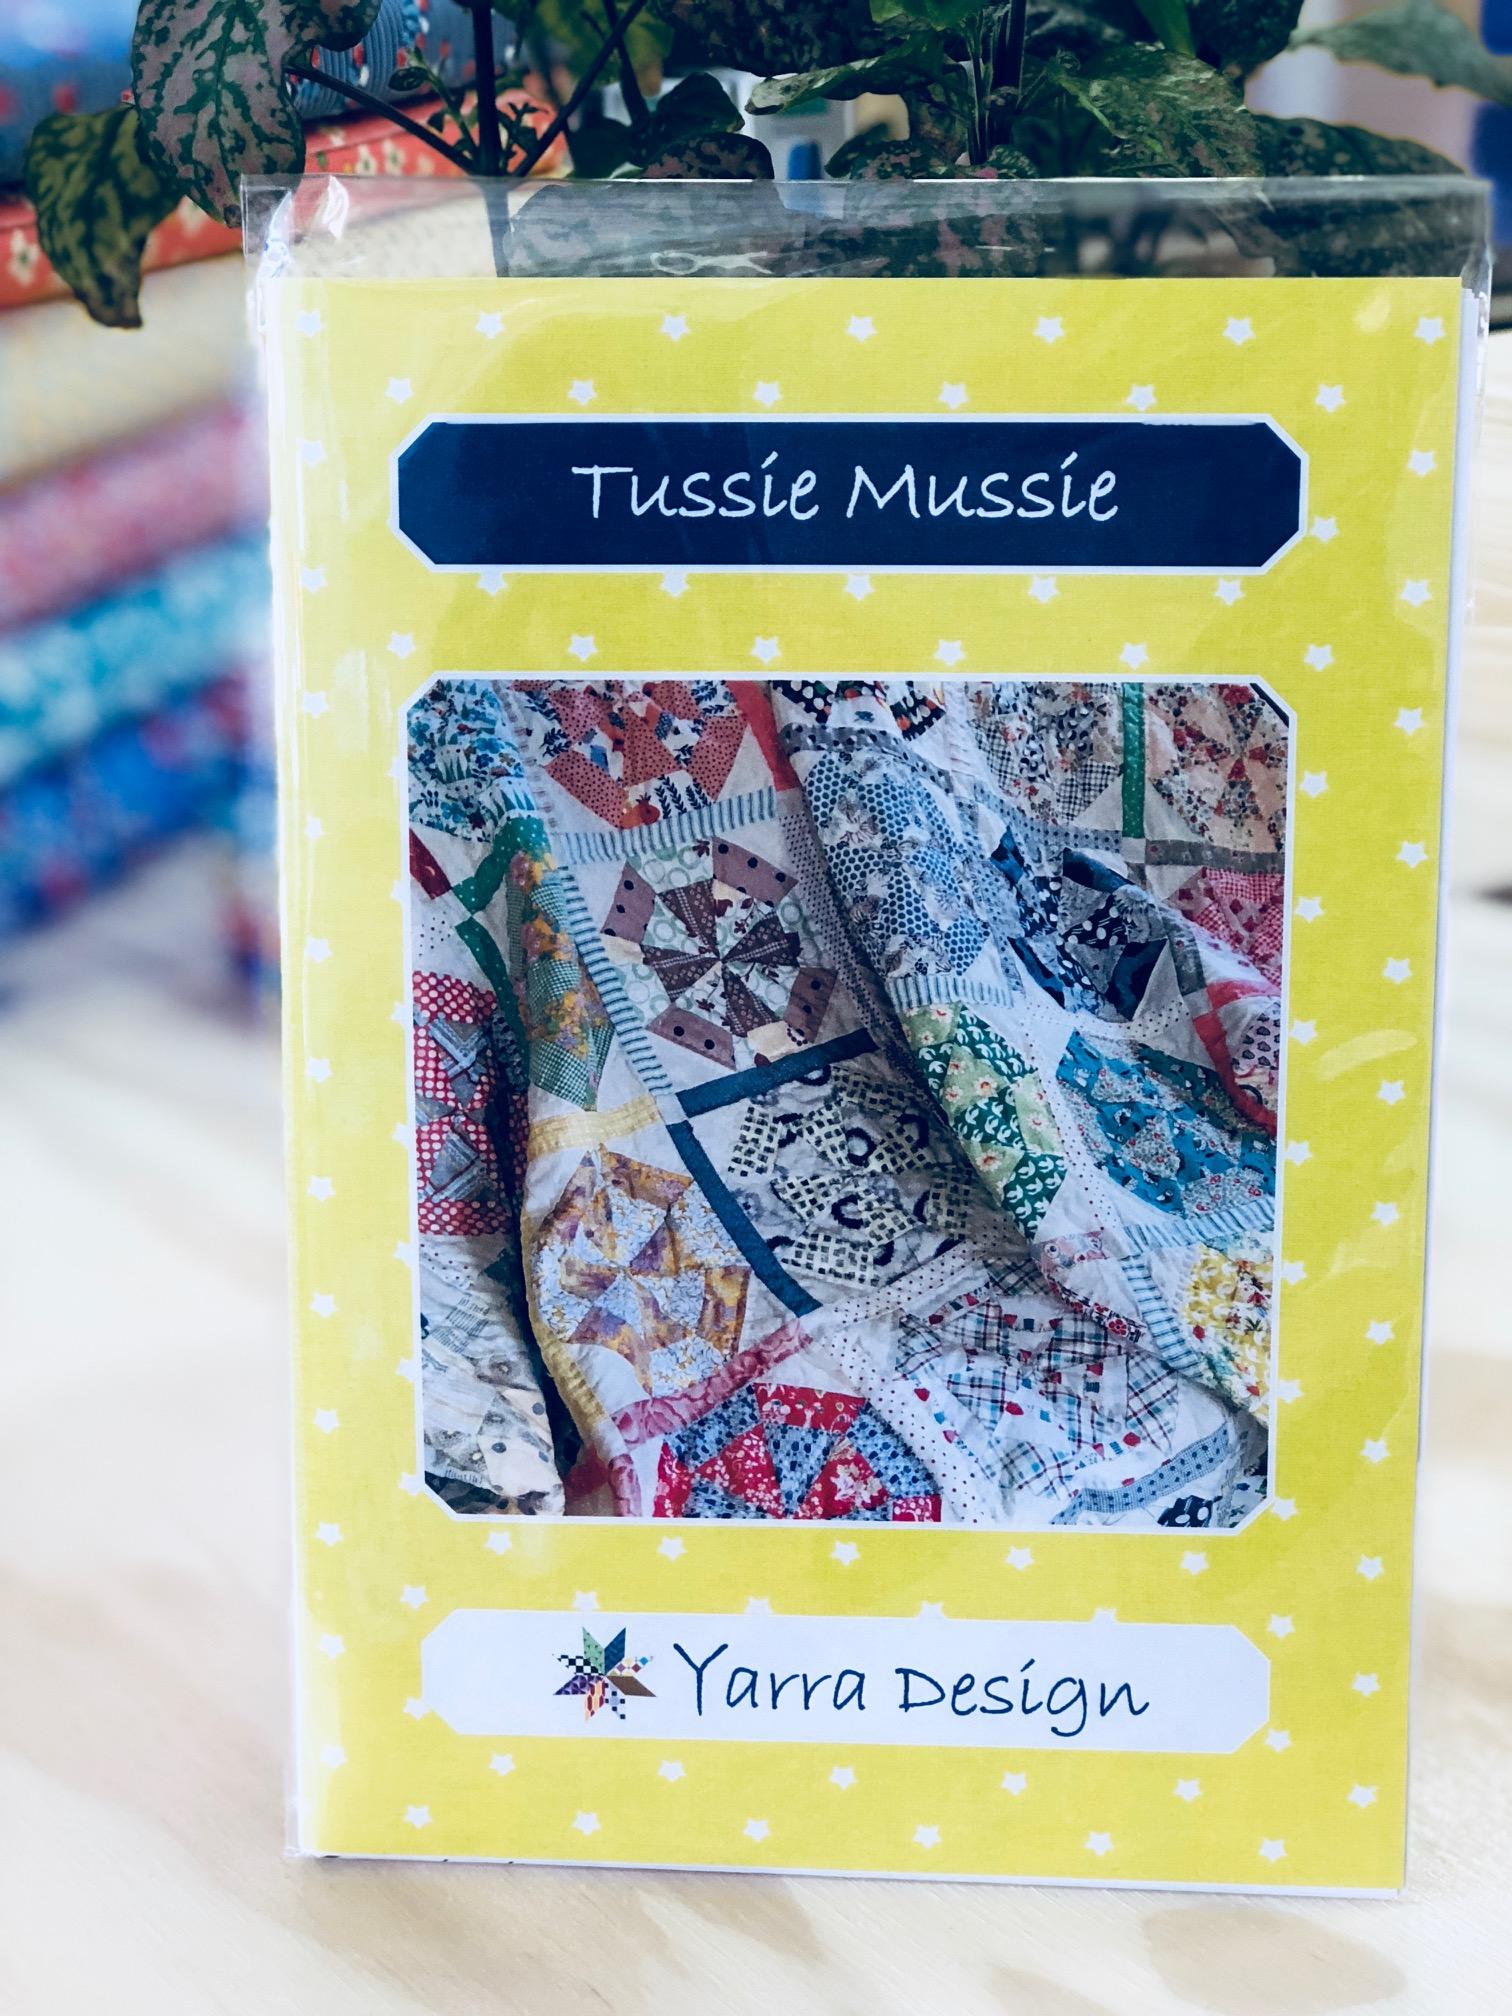 Yarra Design - Tussie Mussie